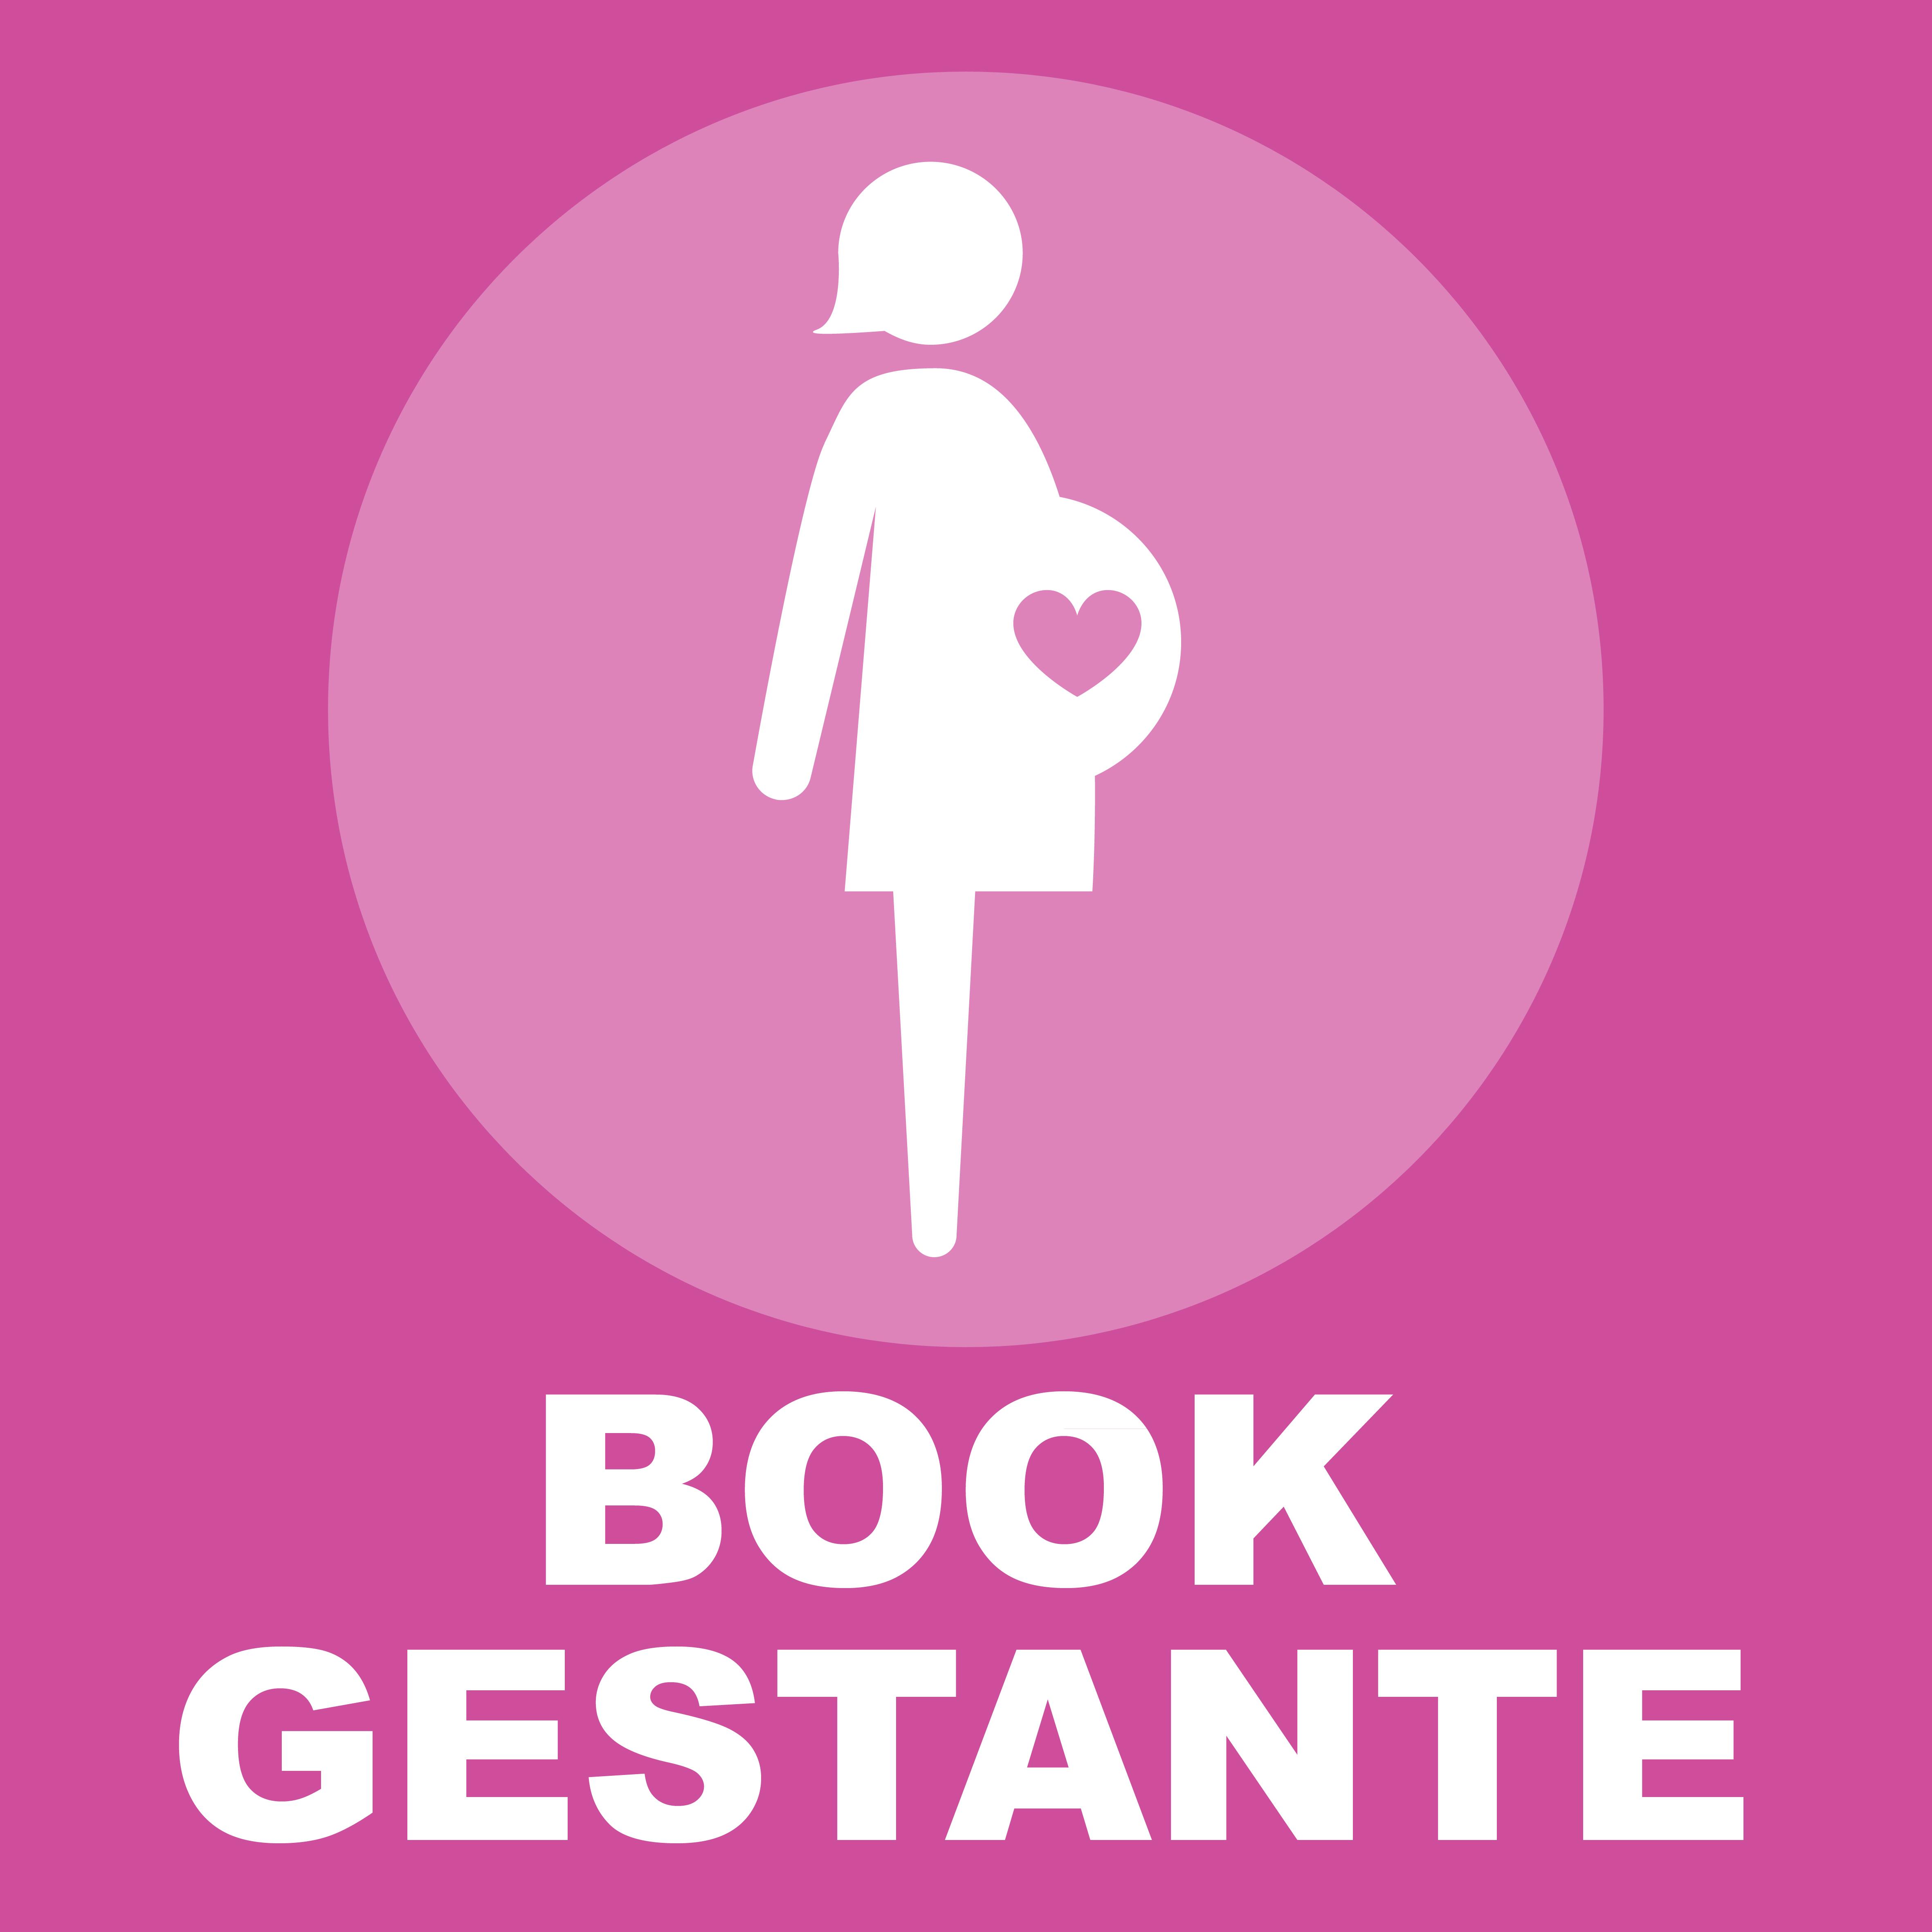 GESTANTE1